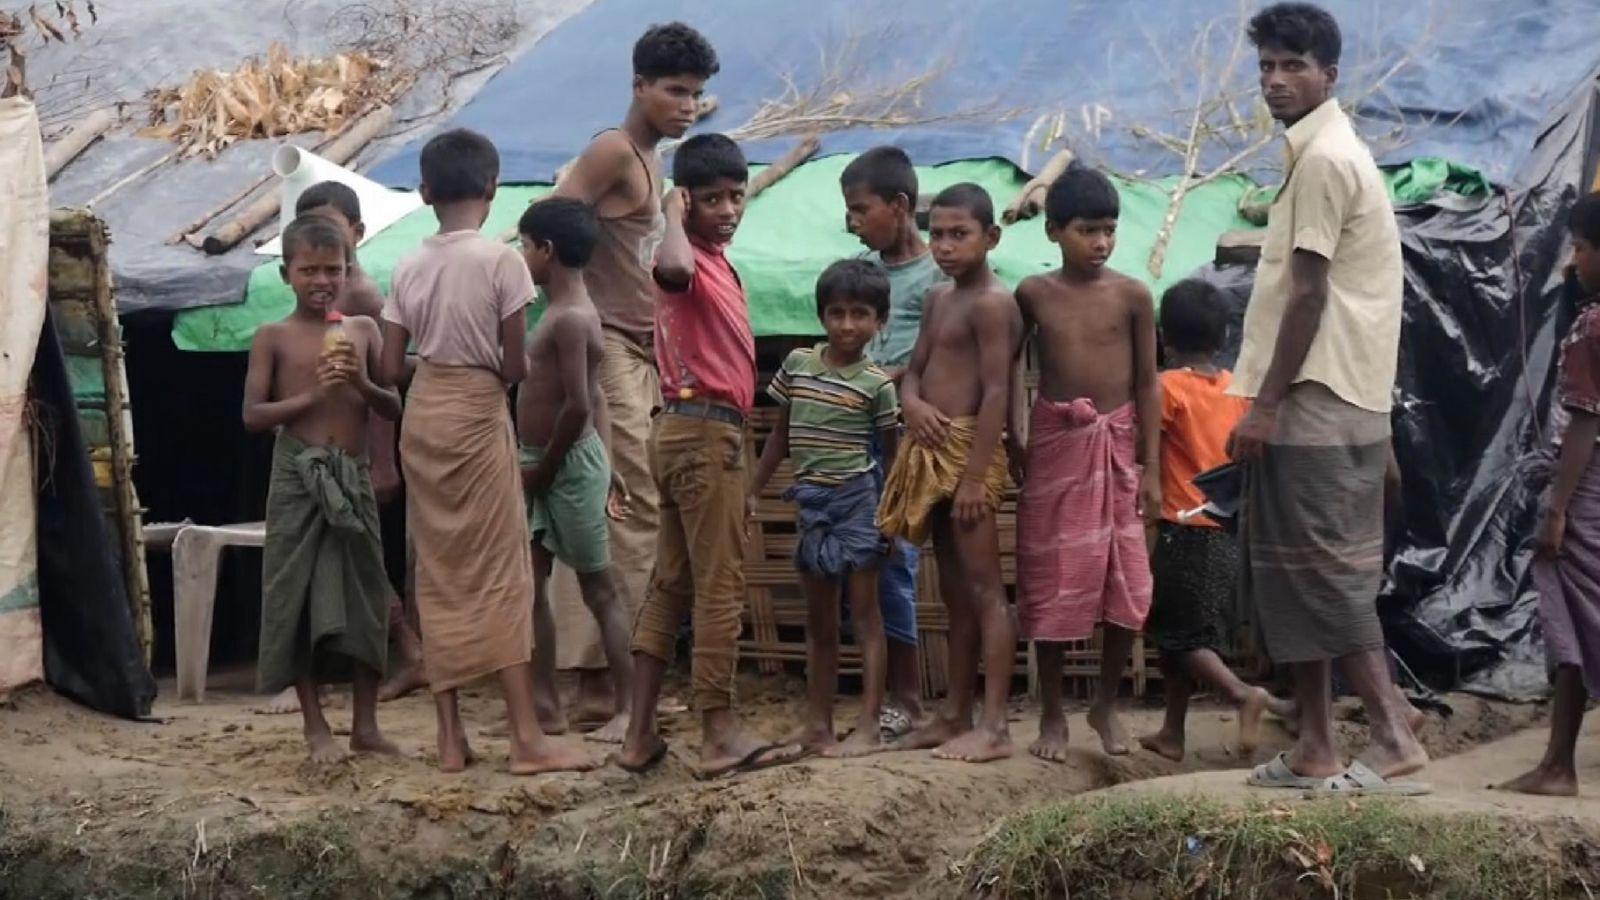 Les enfants sont parmi ceux bloqués au camp